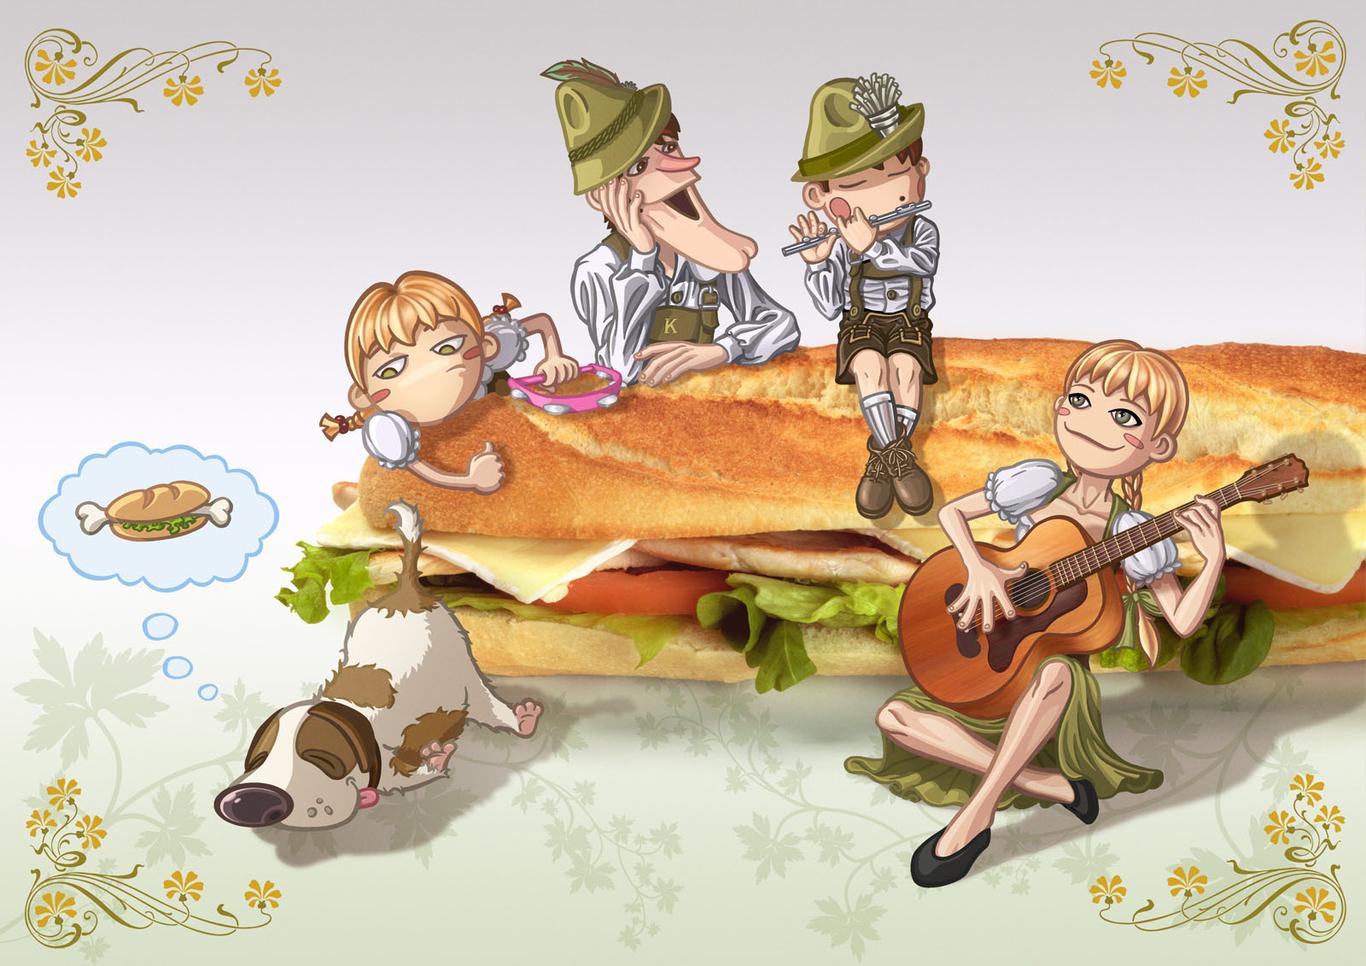 Batliebre krunch family illust 1 77c91fdf kdfj